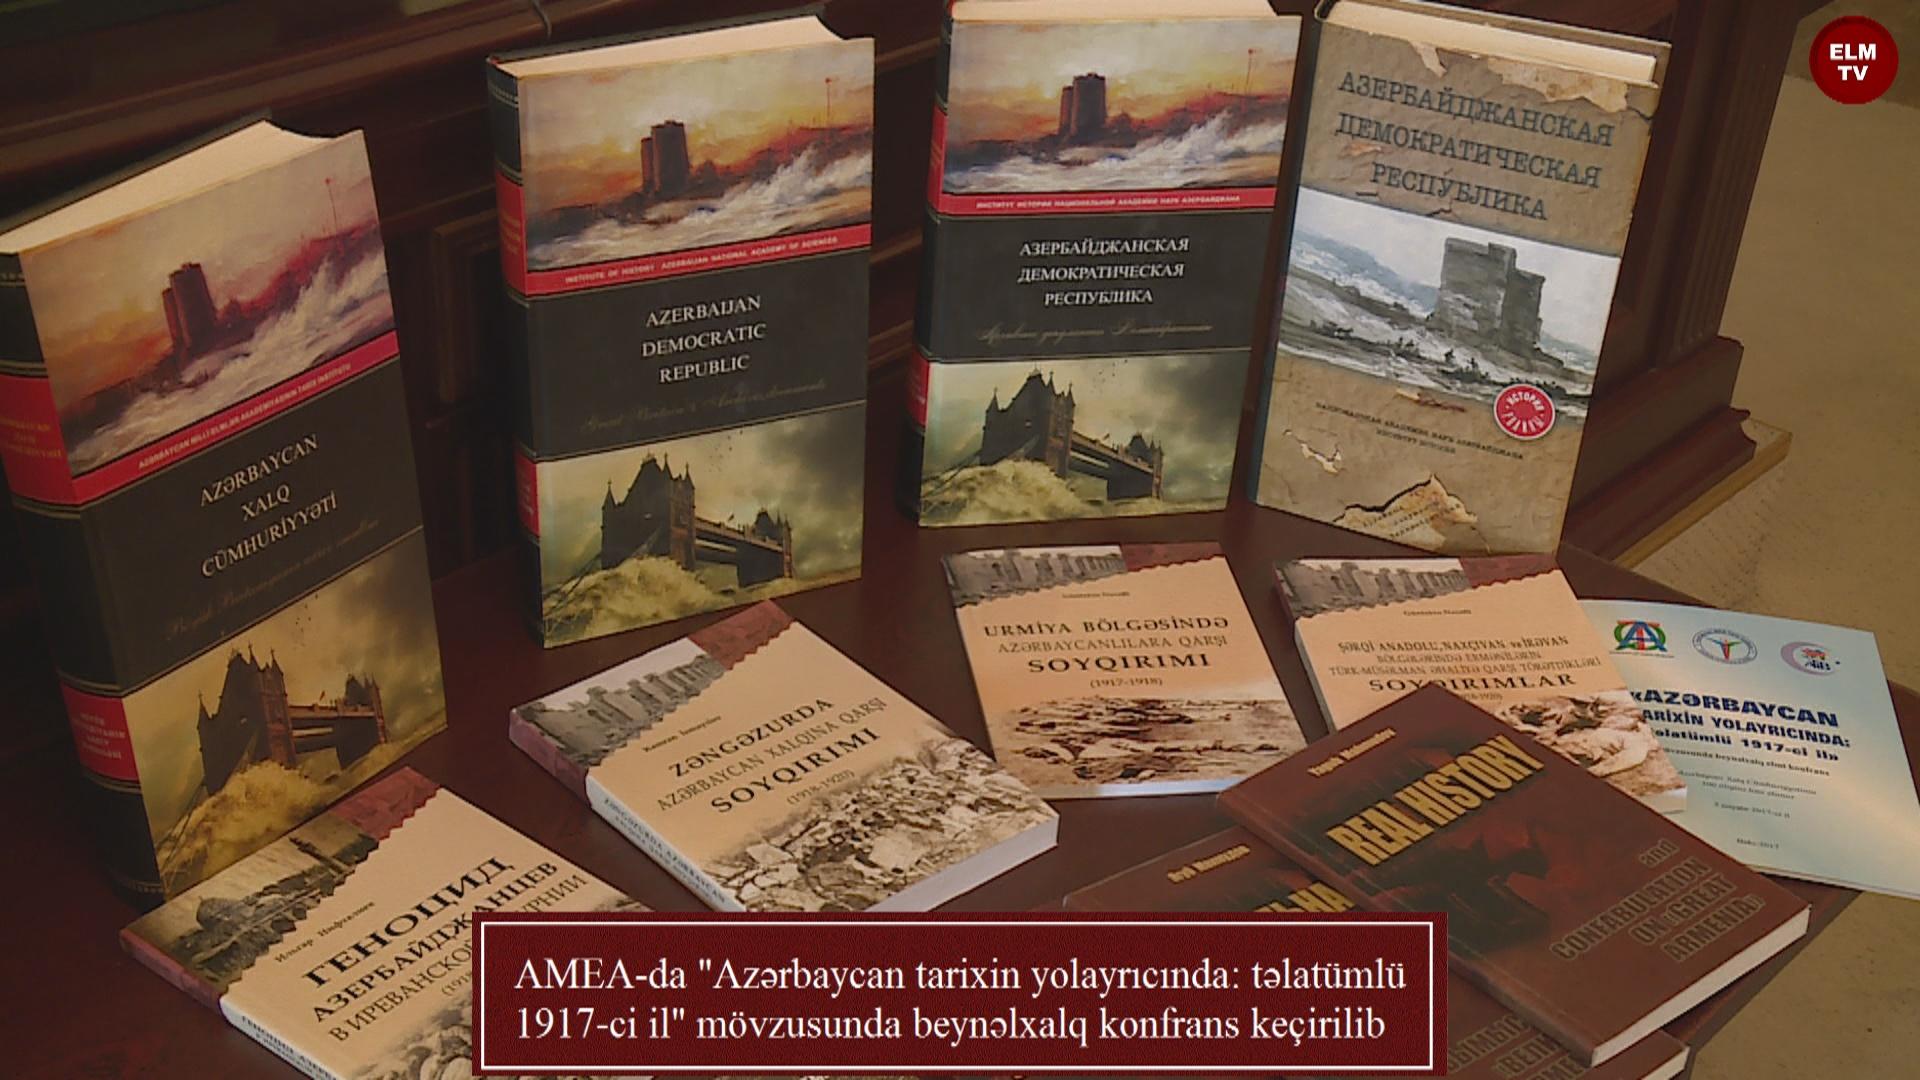 """AMEA-da """"Azərbaycan tarixin yolayrıcında: təlatümlü 1917-ci il"""" mövzusunda beynəlxalq konfrans keçirilib"""